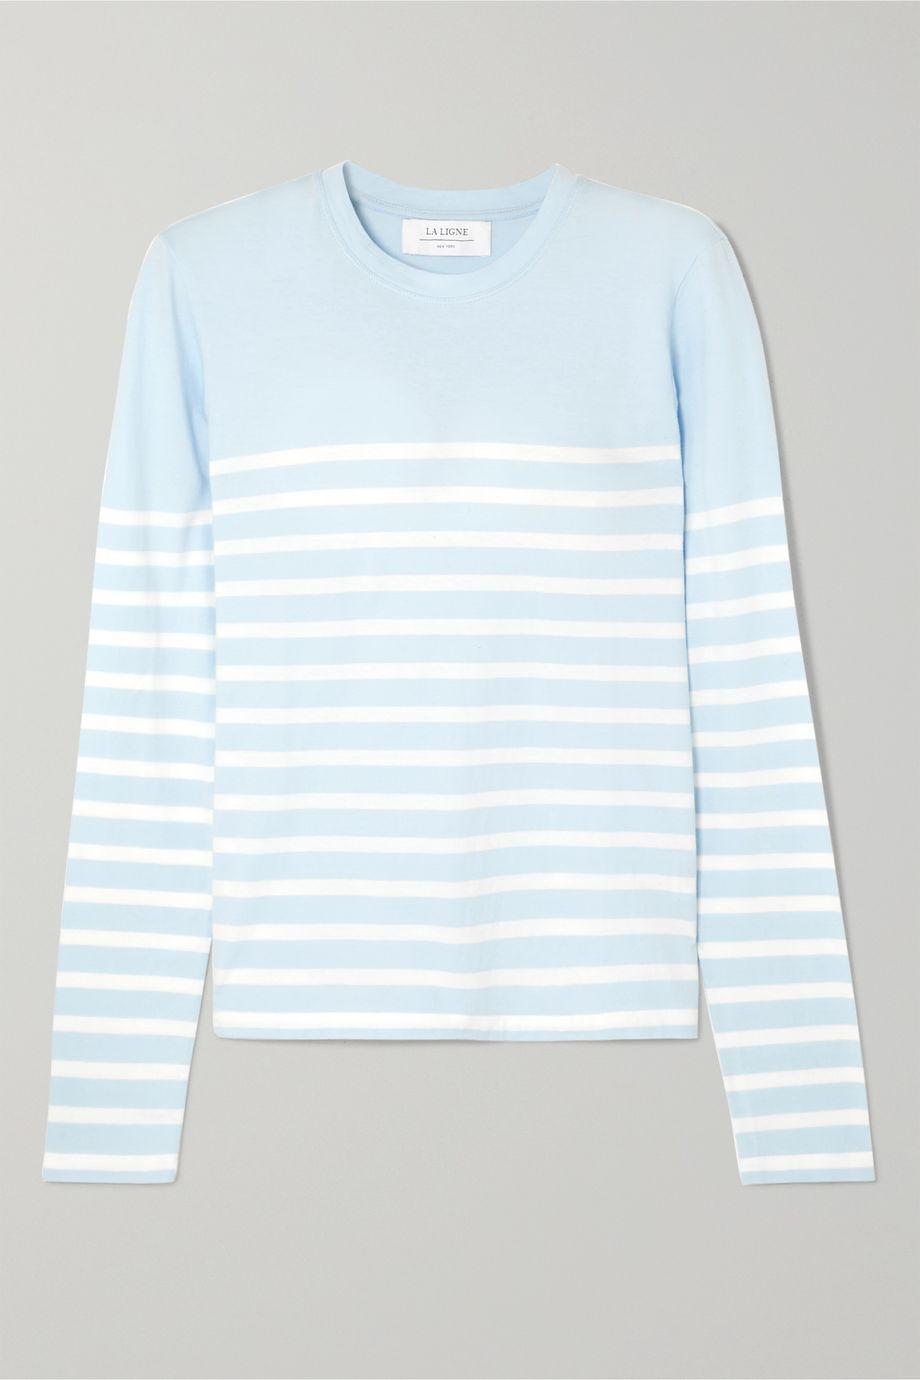 La Ligne Lean Lines striped cotton-jersey top